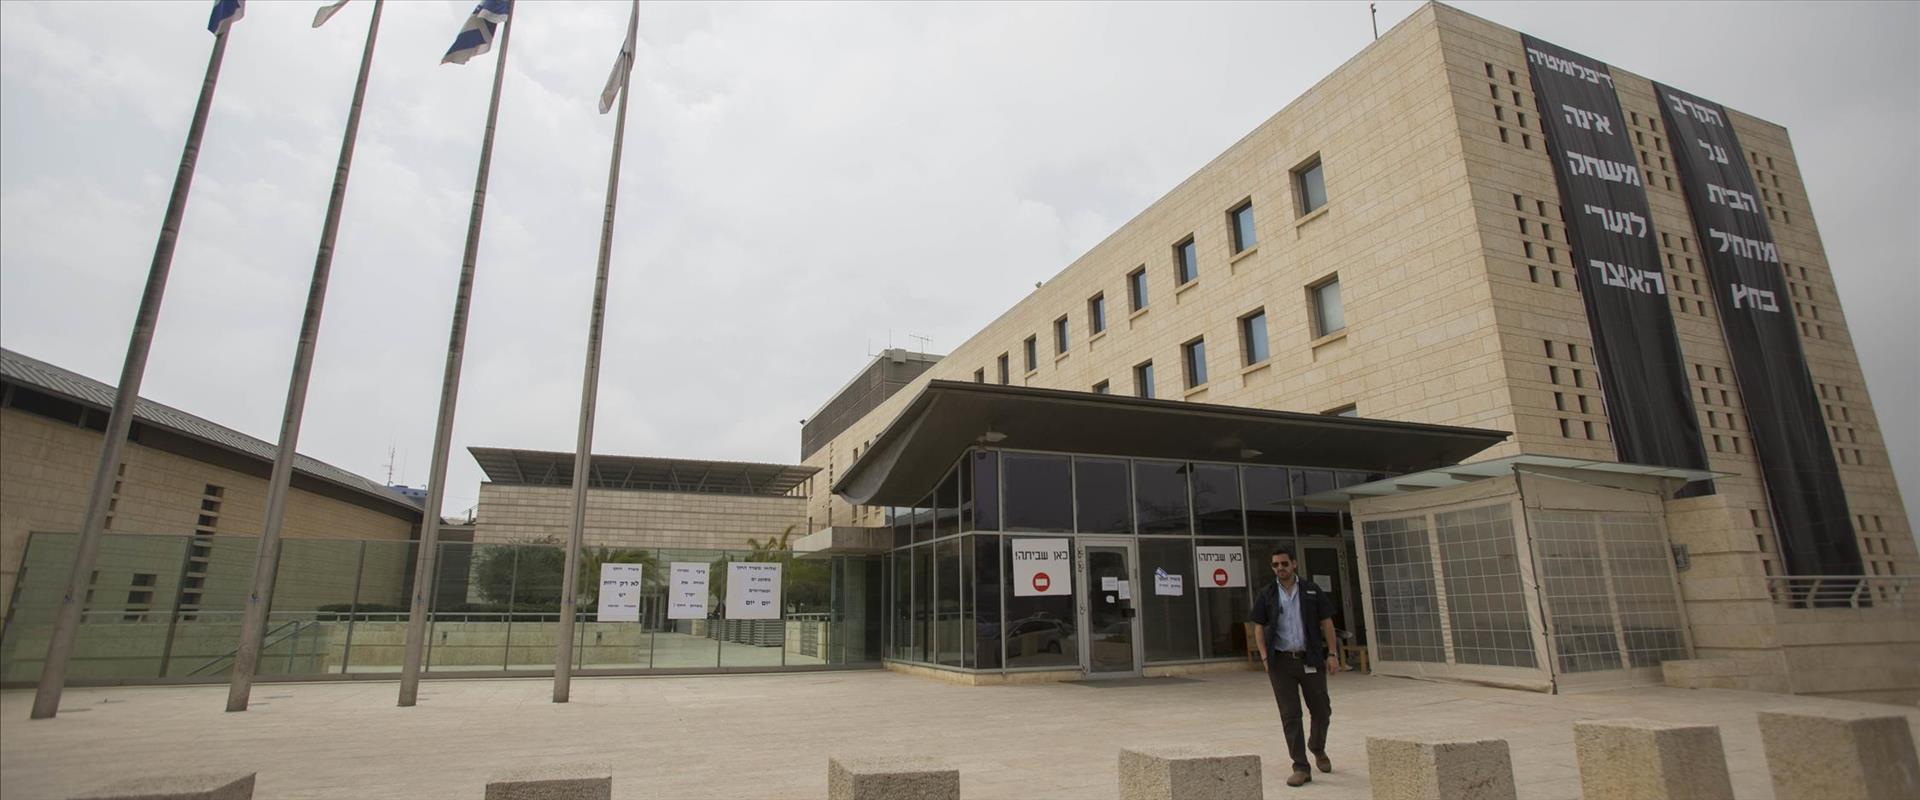 בניין משרד החוץ